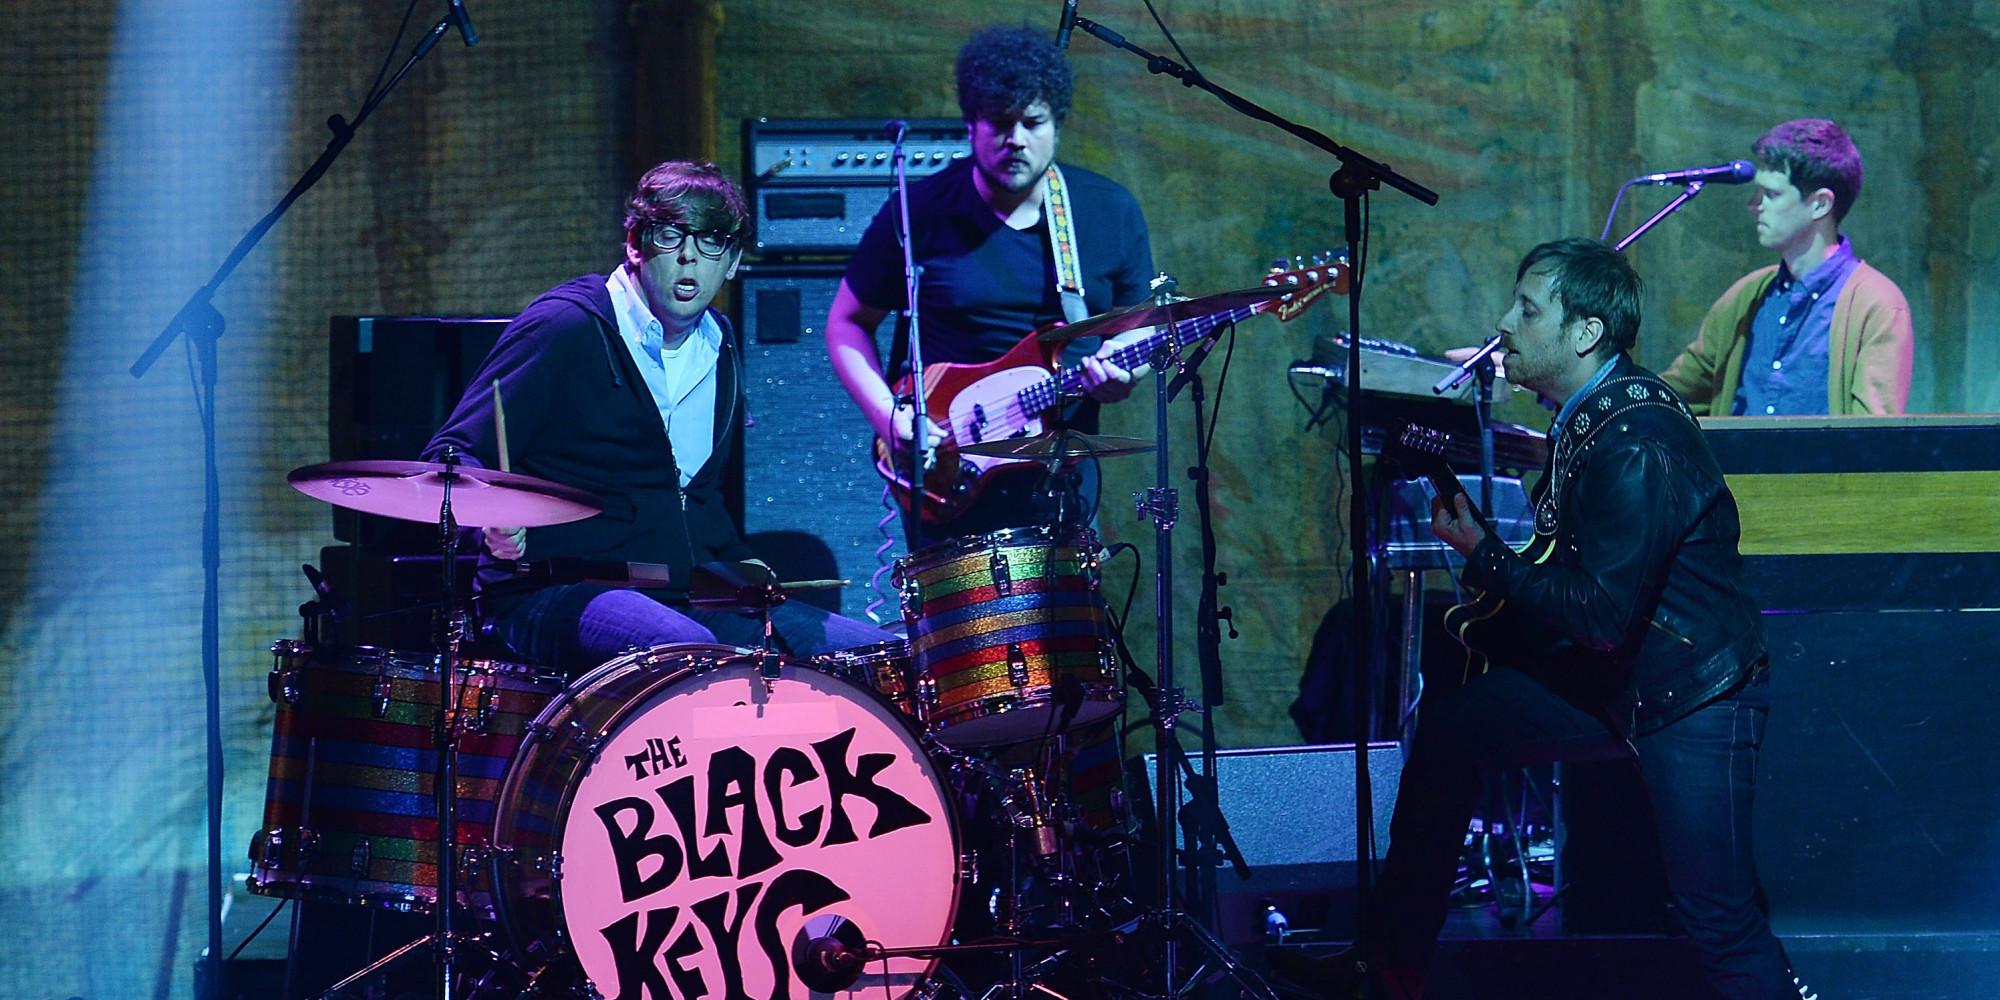 Black Keys Spread 'Fever' on 'SNL' - yahoo.com